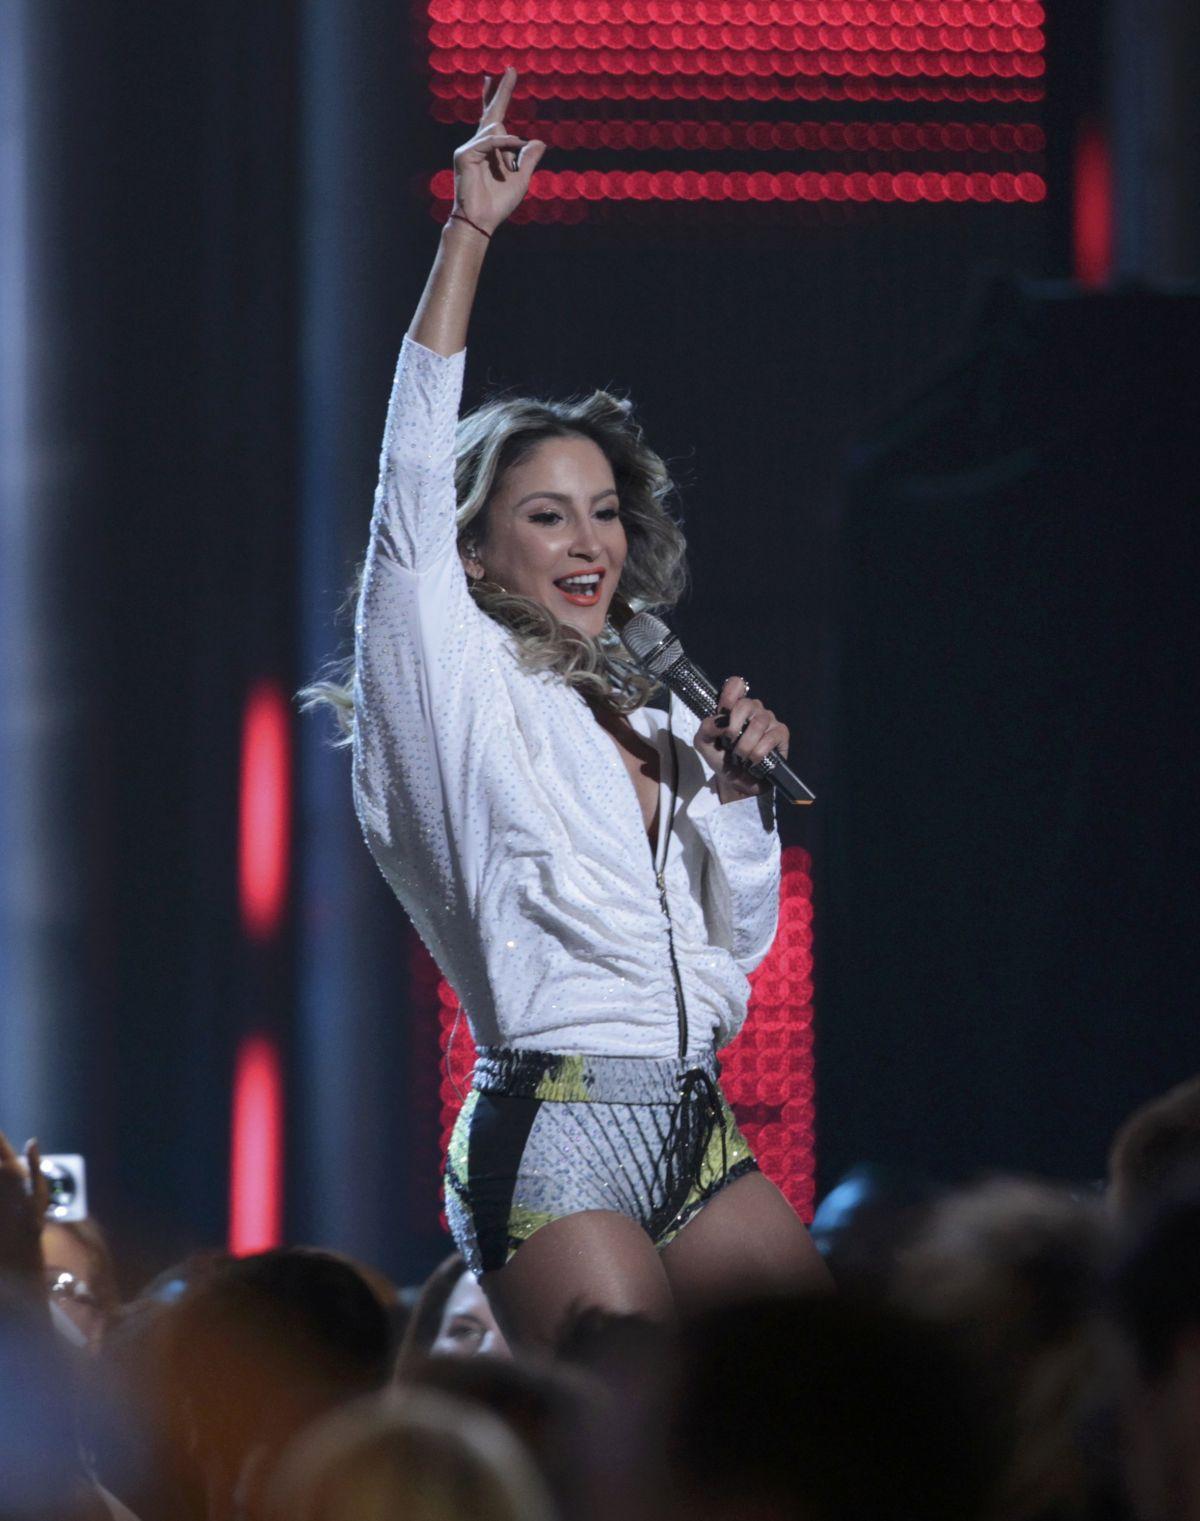 CLAUDIA LEITTE at Billboard Music Awards 2014 in Las Vegas